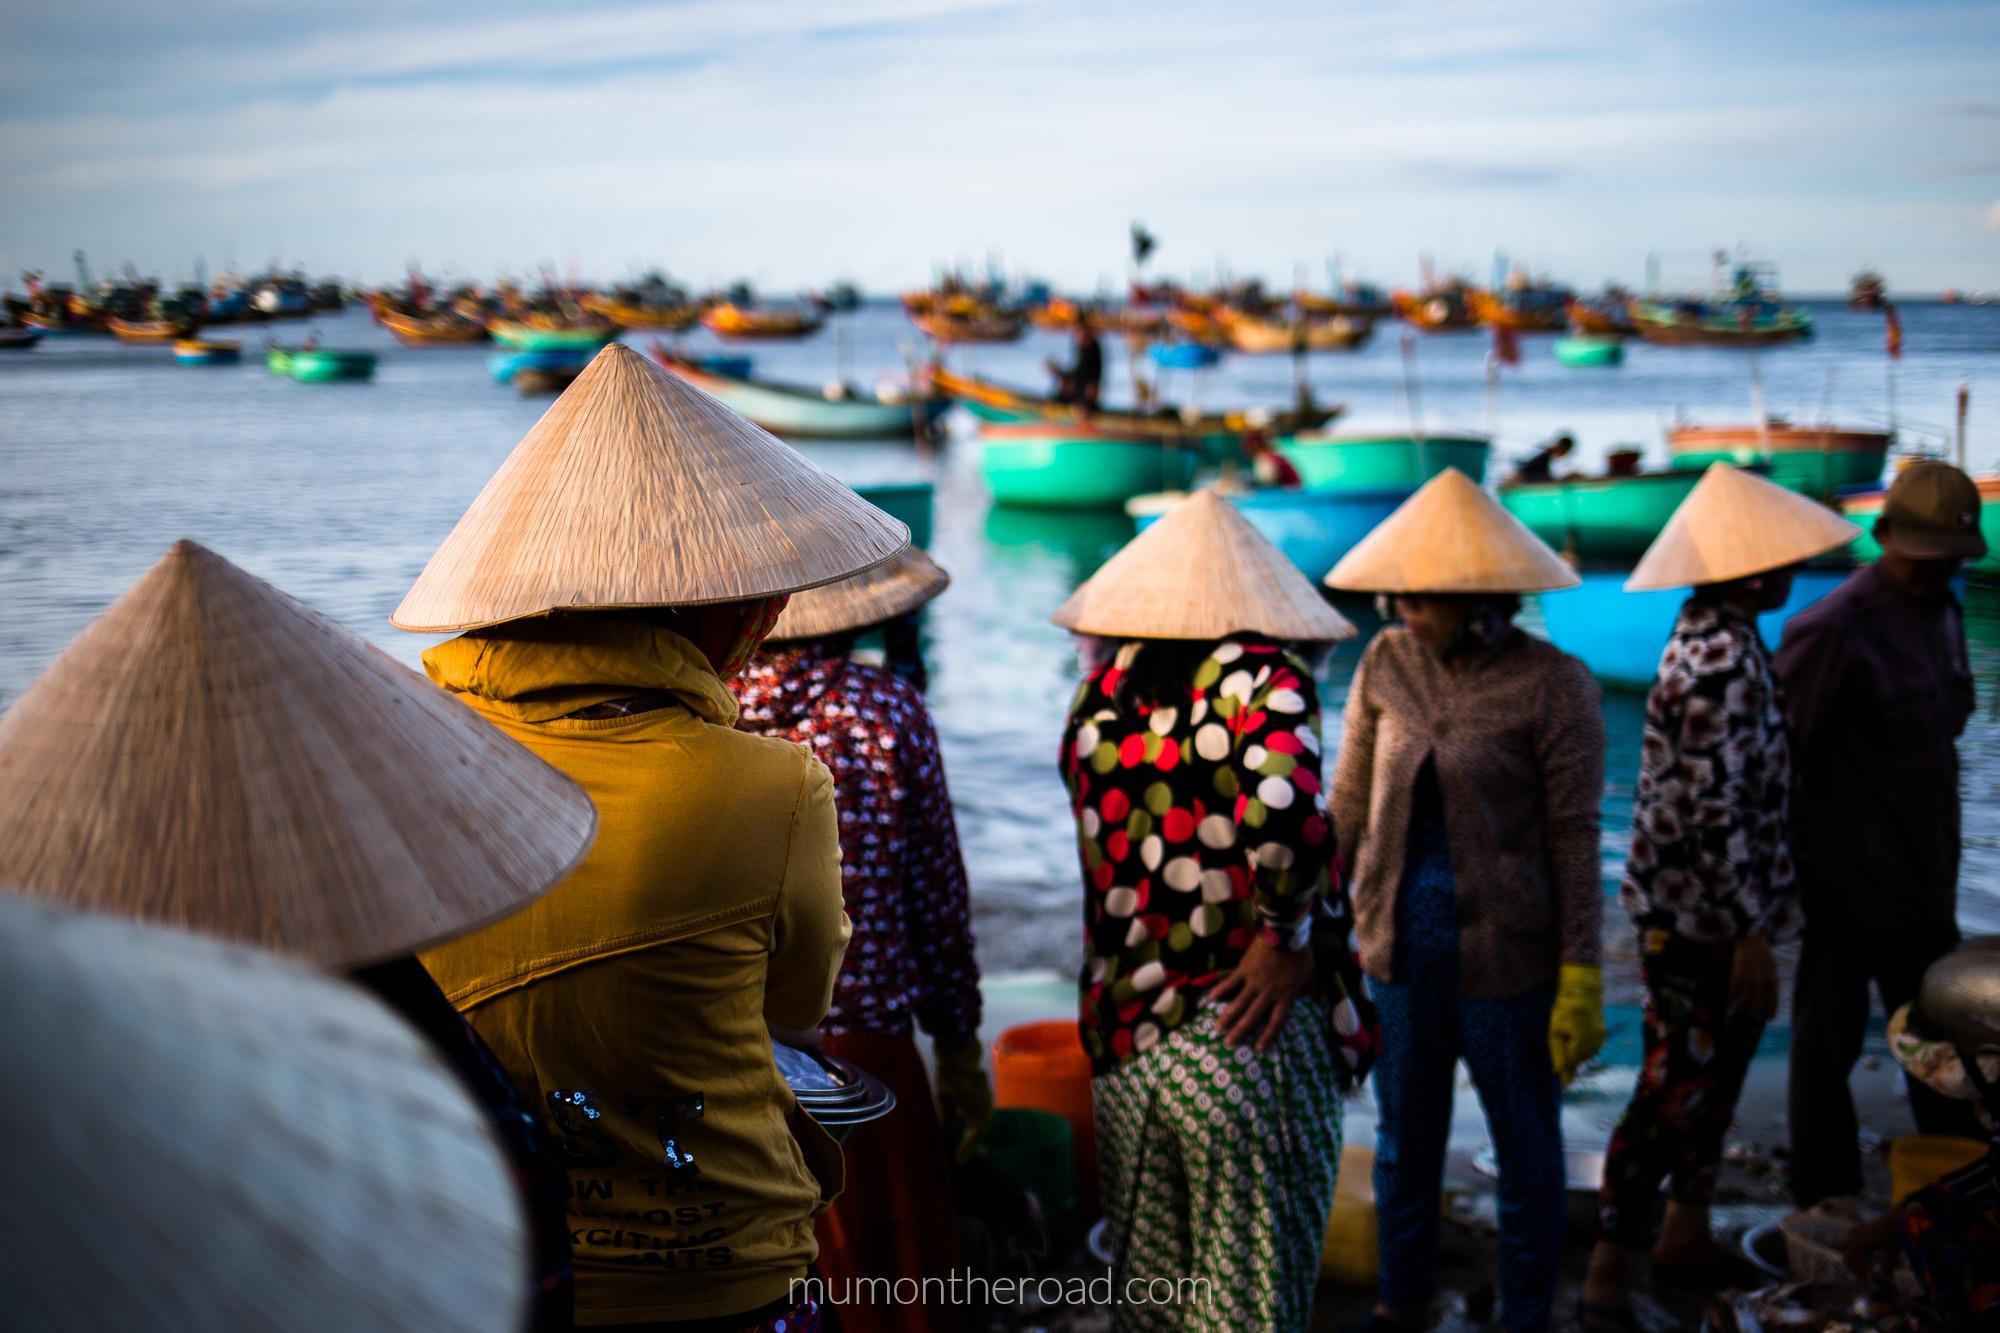 Alignement de vendeuses de poissons portant des chapeaux coniques au village des pêcheurs de Mui Ne au Vietnam